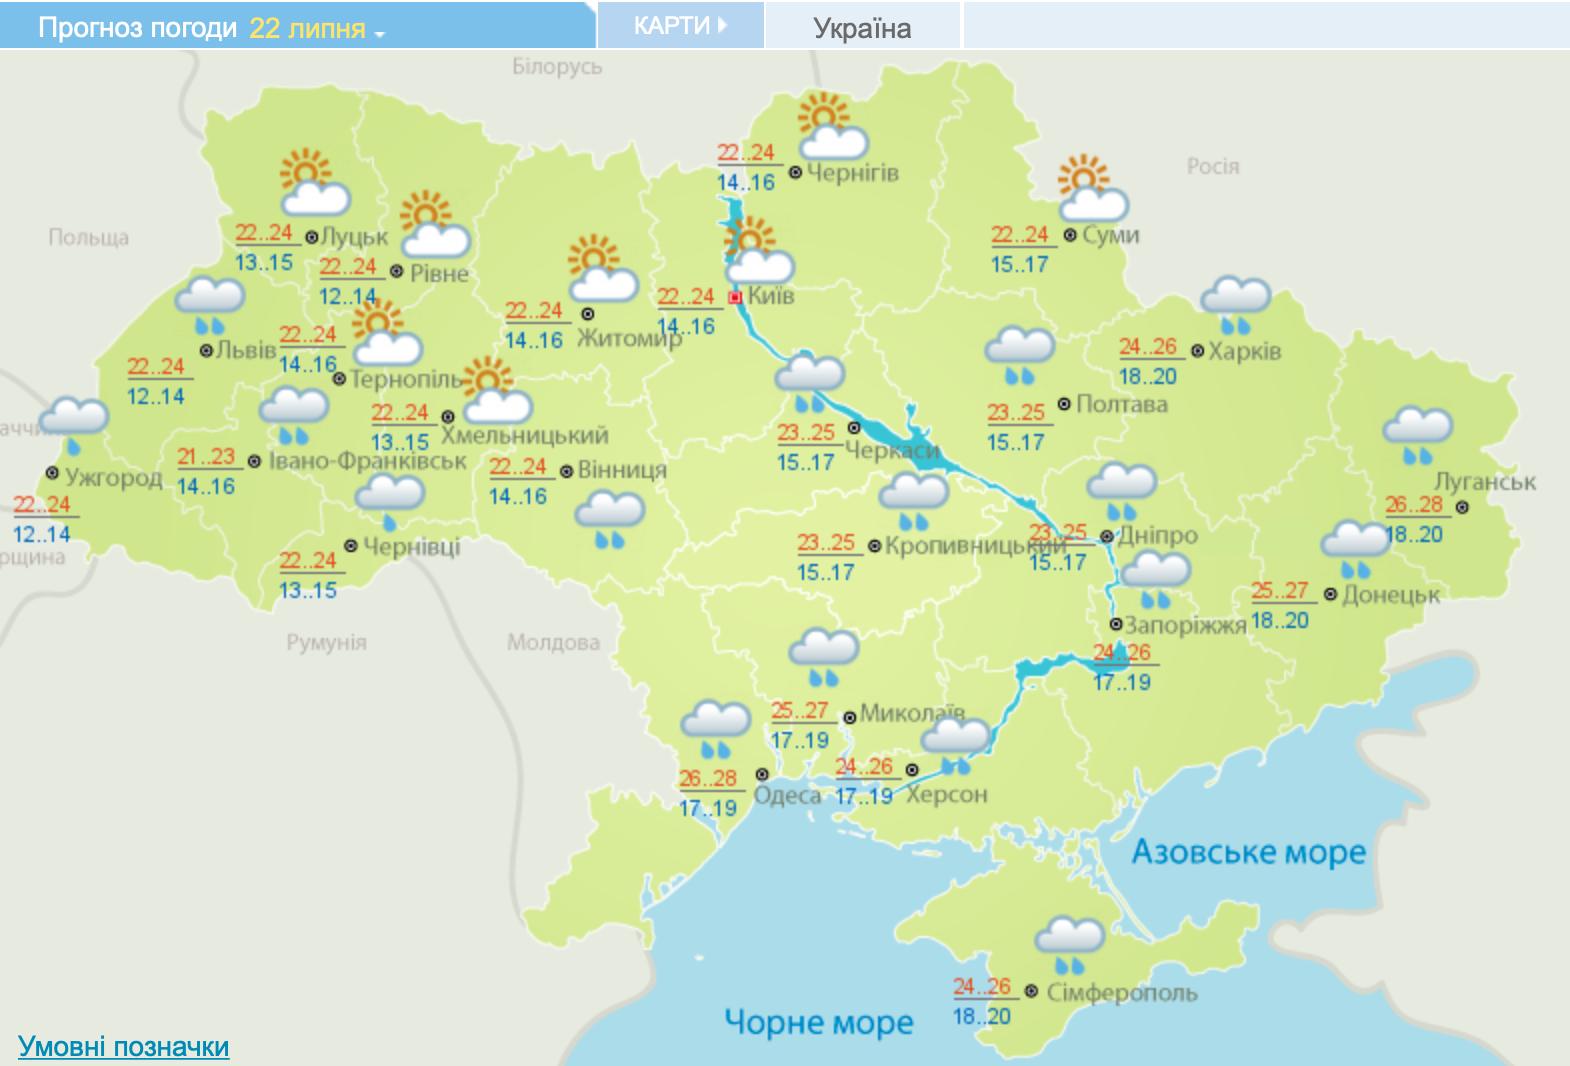 Похолодание продолжается, Украину накроют дожди: прогноз погоды на сегодня